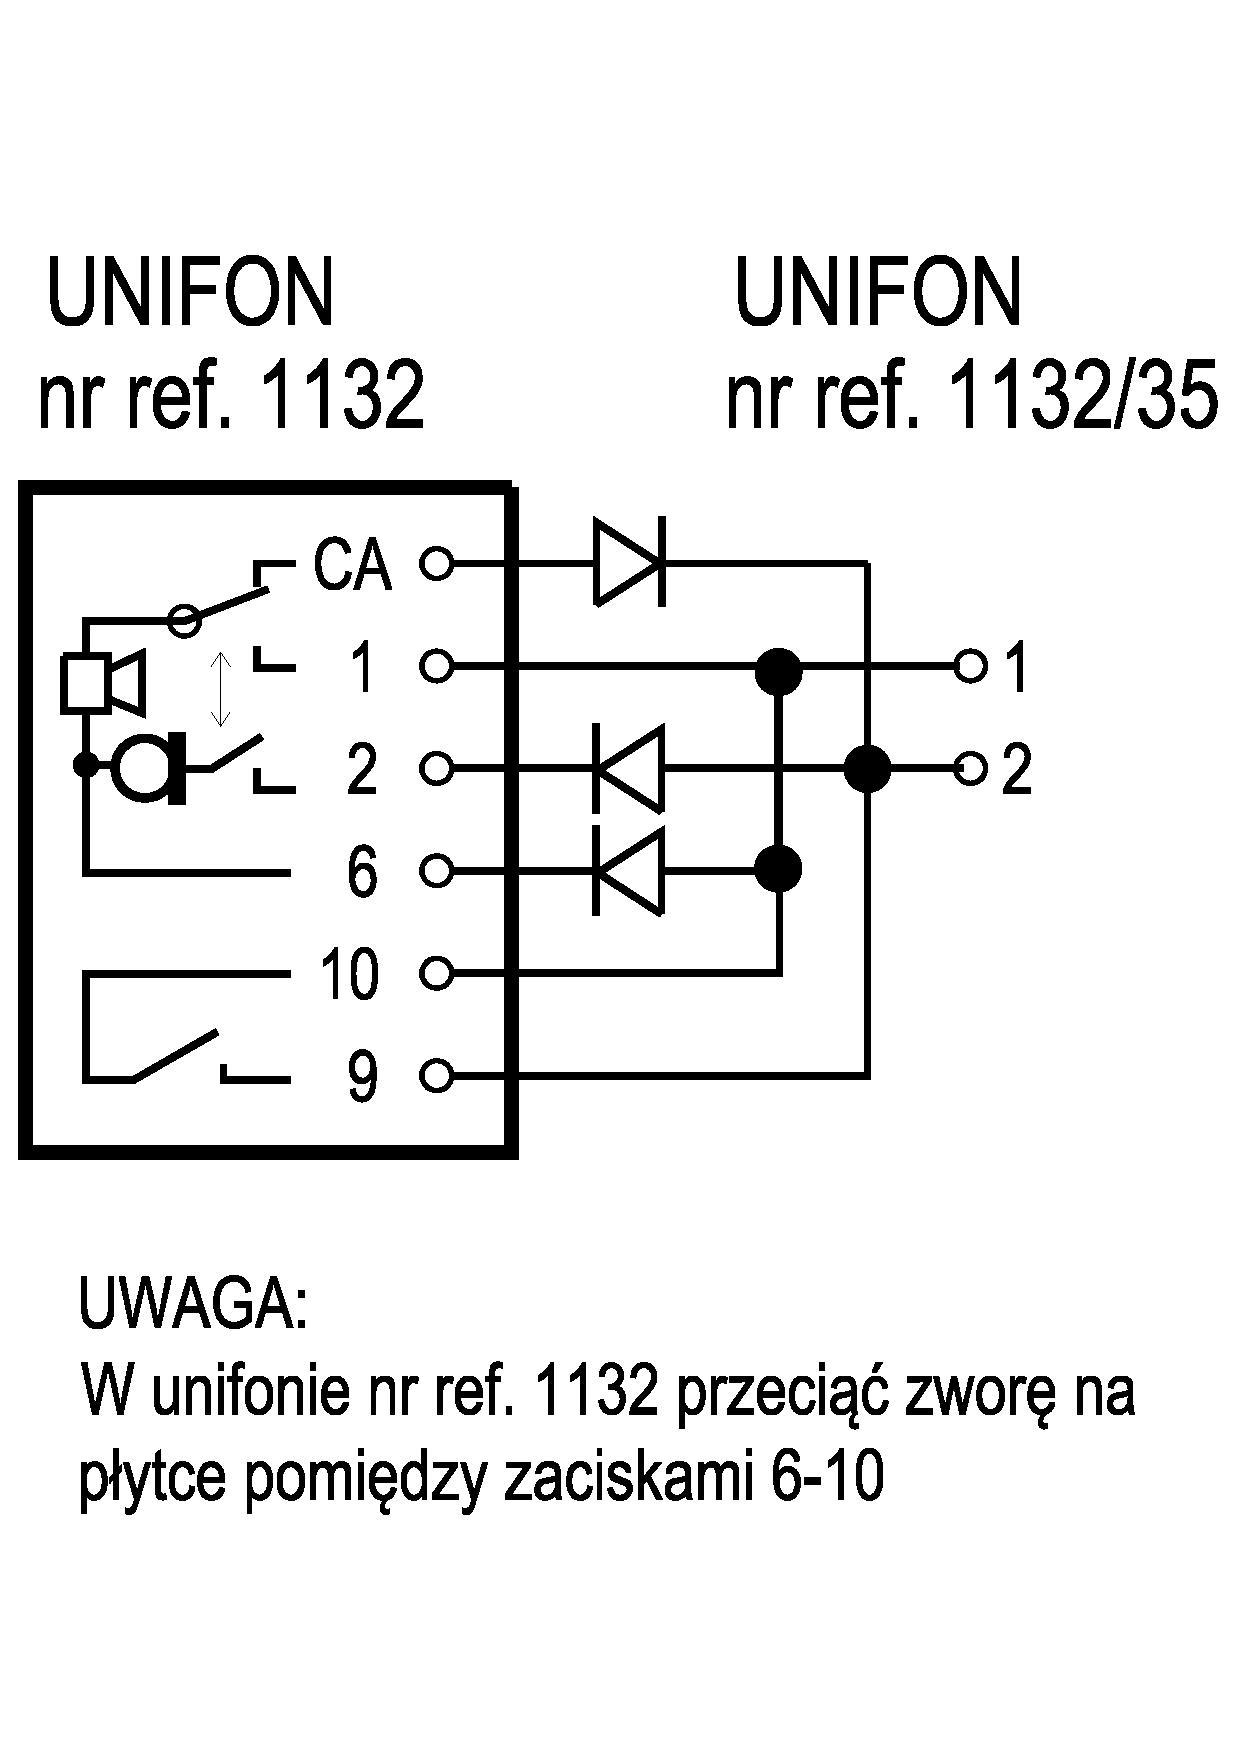 Zrównoleglenie Dwóch Unifonów Urmet Atlantico 1133